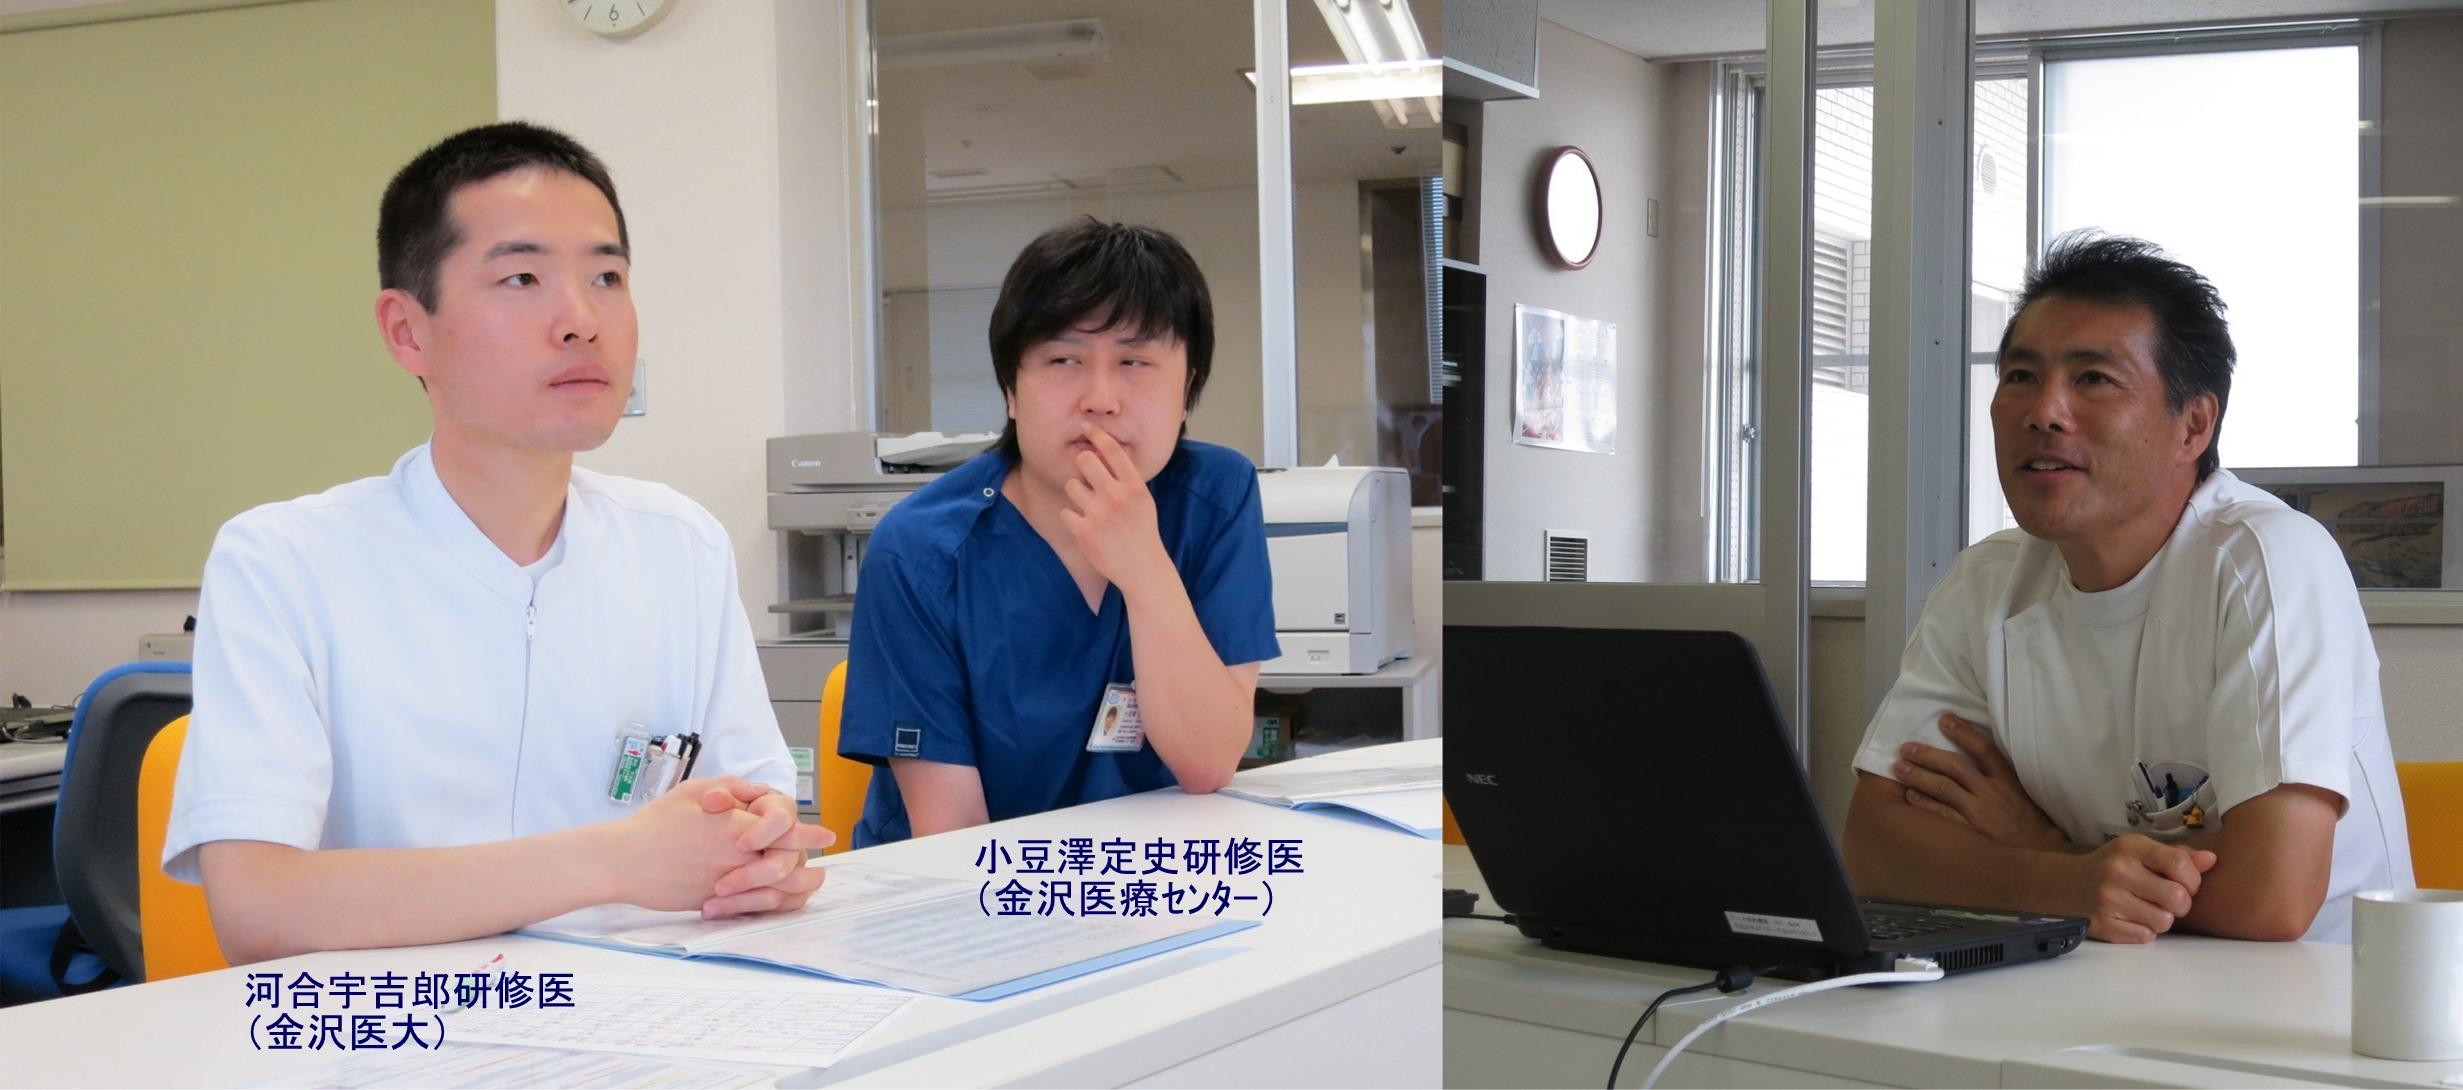 20130701研修医.jpg